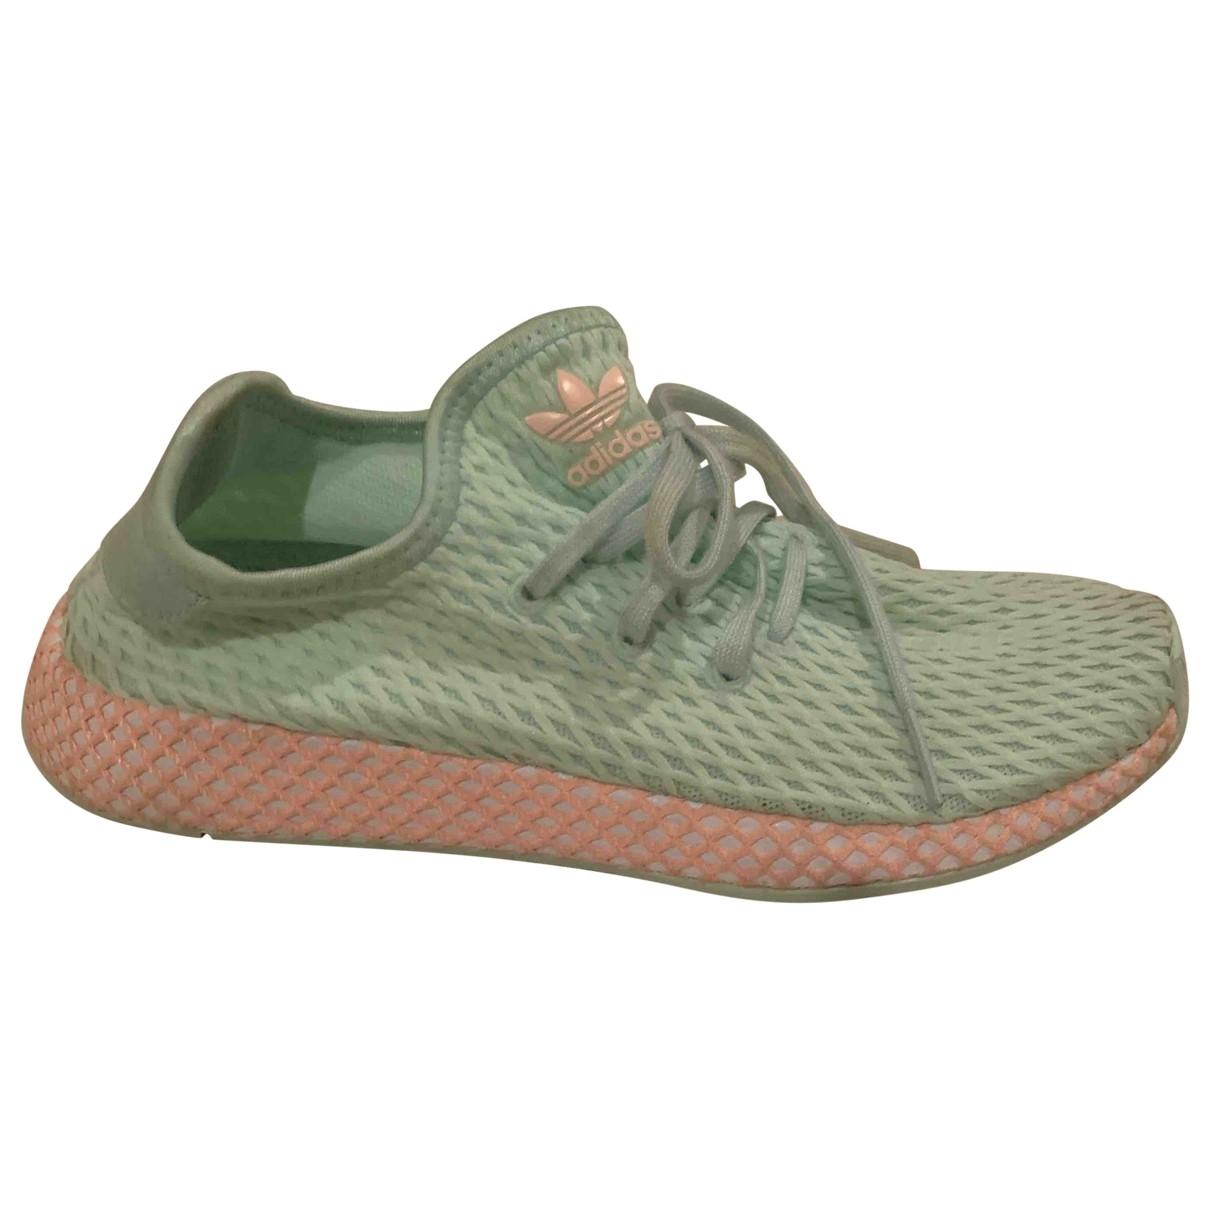 Adidas - Baskets Deerupt Runner pour enfant en toile